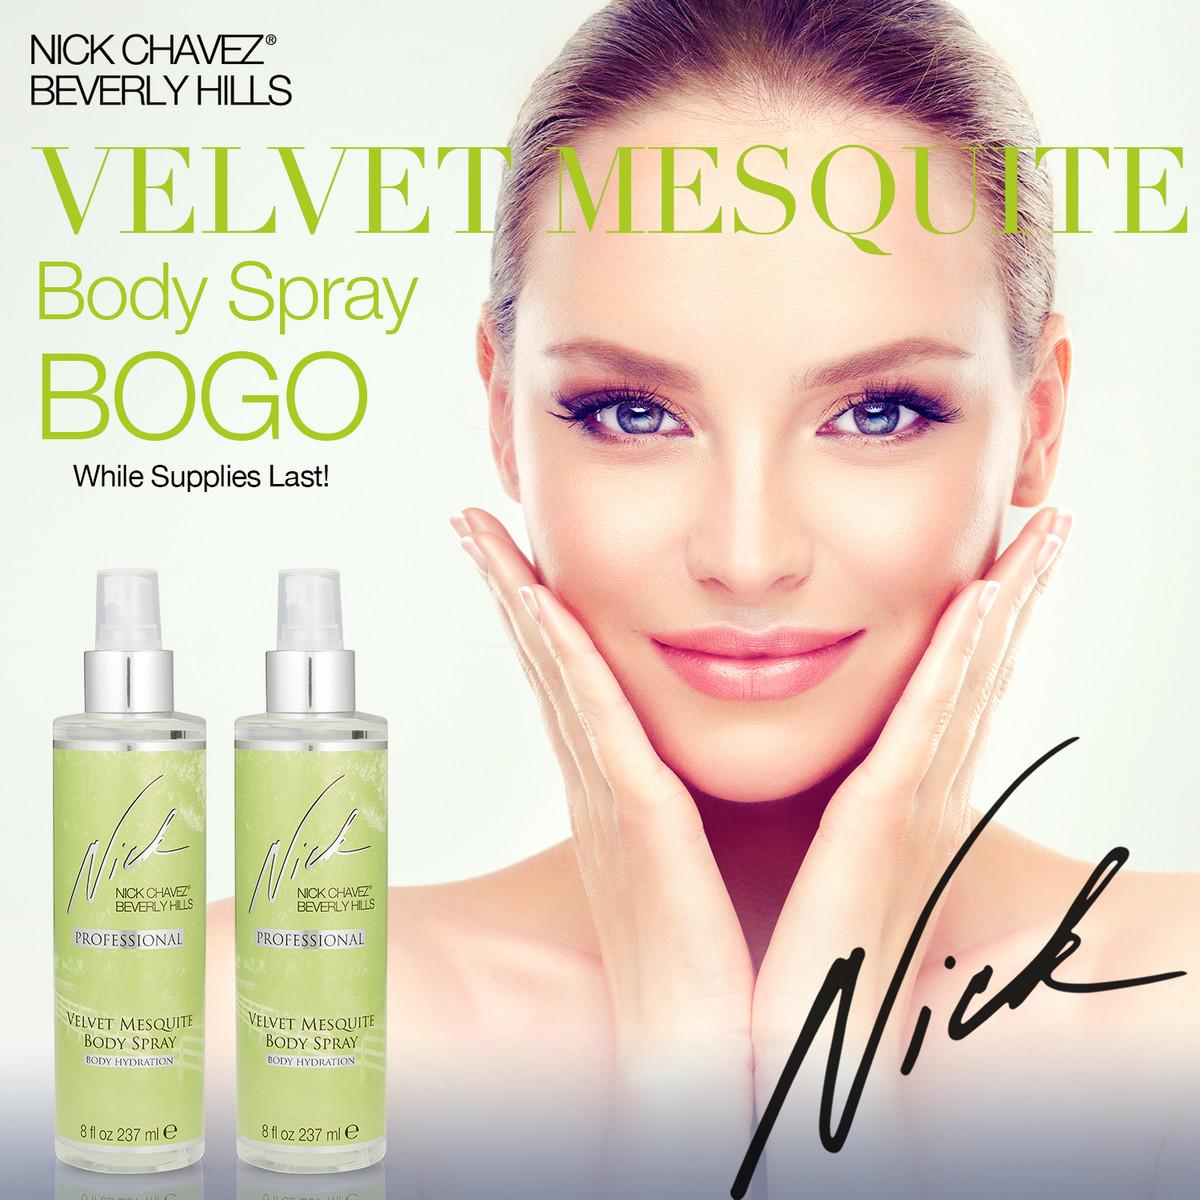 8oz Velvet Mesquite Body Spray